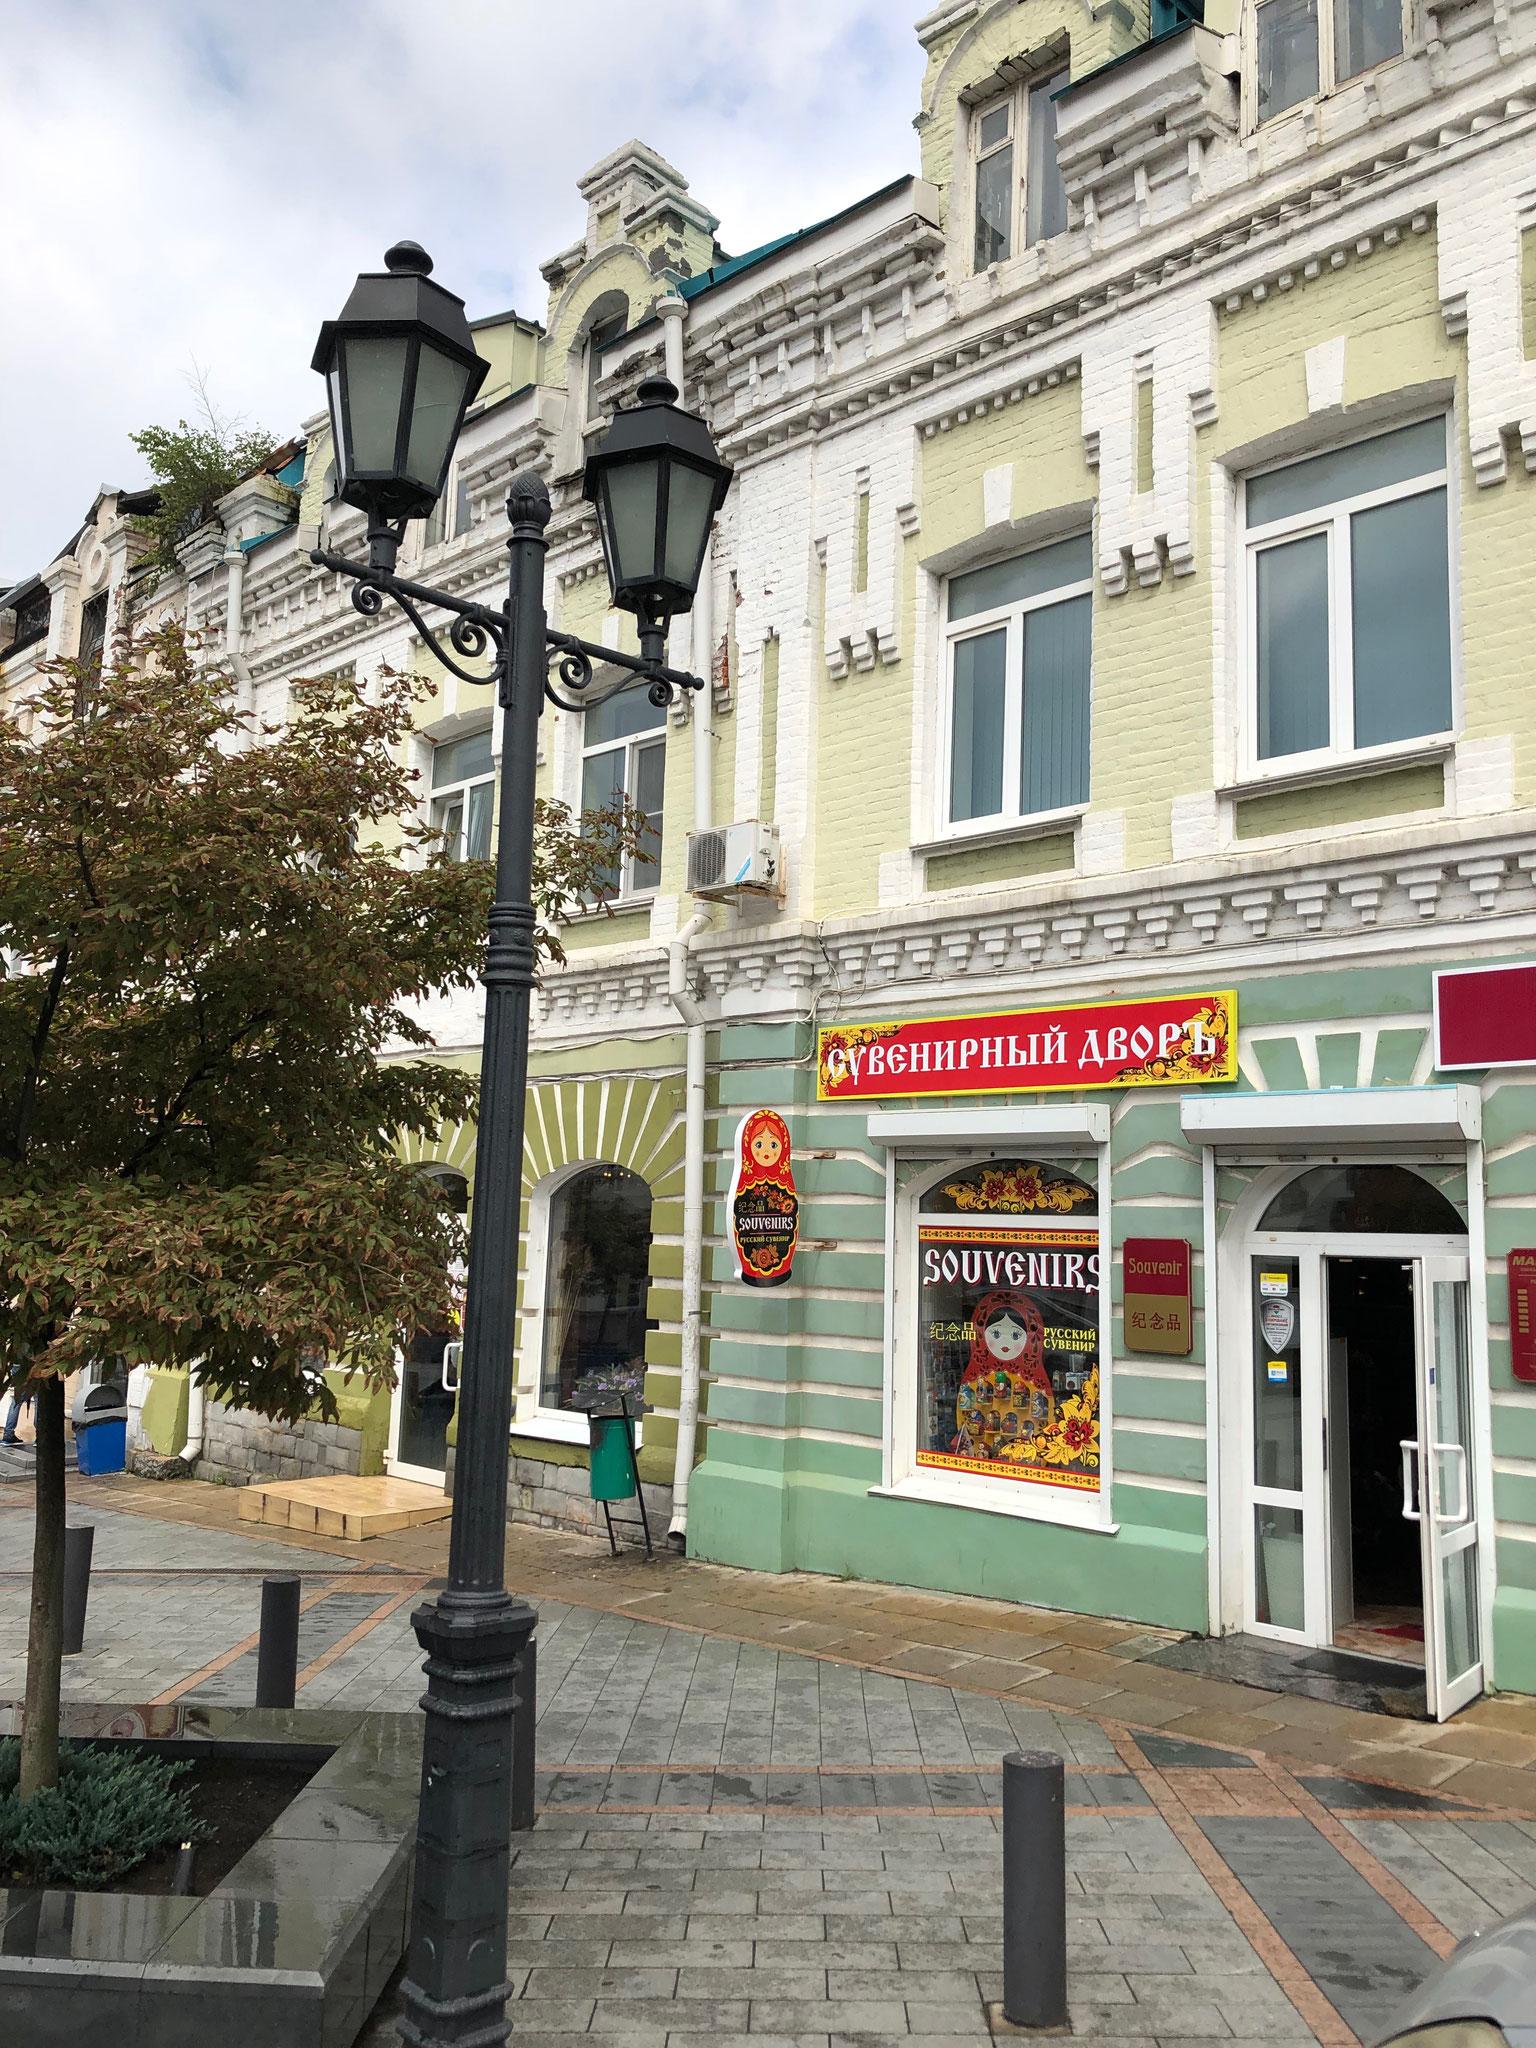 ウラジオストク お土産屋さんやブリヌイ(ロシアのクレープ)屋さんが立ち並んでいます-